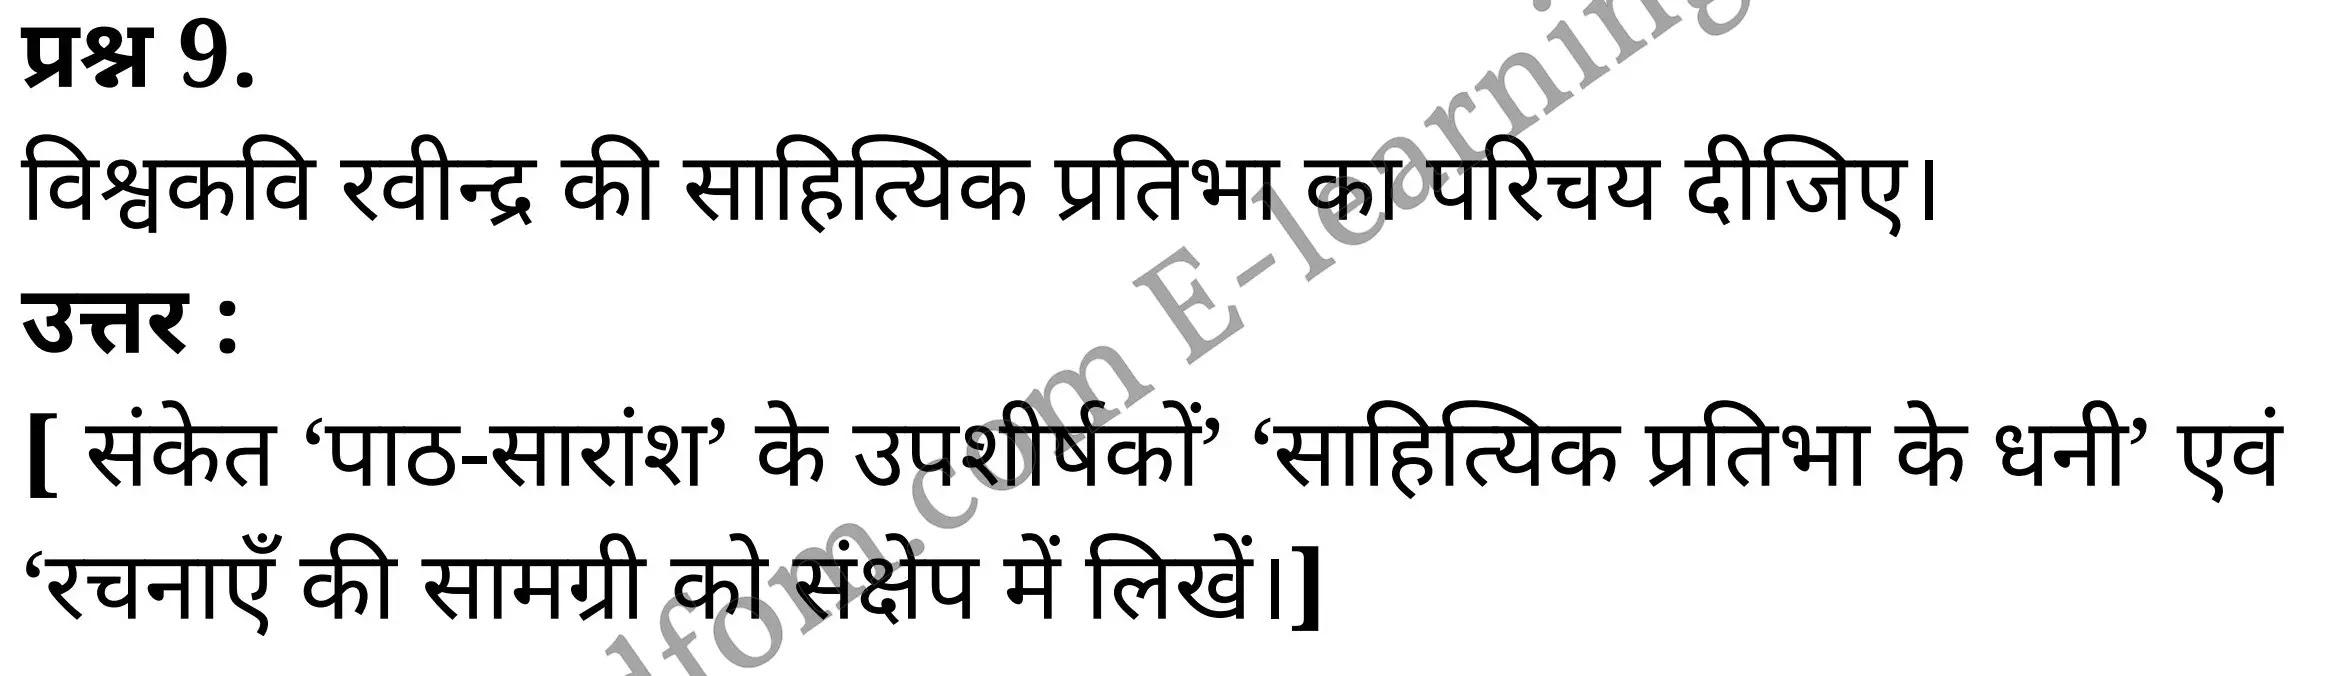 कक्षा 10 संस्कृत  के नोट्स  हिंदी में एनसीईआरटी समाधान,     class 10 sanskrit gadya bharathi Chapter 5,   class 10 sanskrit gadya bharathi Chapter 5 ncert solutions in Hindi,   class 10 sanskrit gadya bharathi Chapter 5 notes in hindi,   class 10 sanskrit gadya bharathi Chapter 5 question answer,   class 10 sanskrit gadya bharathi Chapter 5 notes,   class 10 sanskrit gadya bharathi Chapter 5 class 10 sanskrit gadya bharathi Chapter 5 in  hindi,    class 10 sanskrit gadya bharathi Chapter 5 important questions in  hindi,   class 10 sanskrit gadya bharathi Chapter 5 notes in hindi,    class 10 sanskrit gadya bharathi Chapter 5 test,   class 10 sanskrit gadya bharathi Chapter 5 pdf,   class 10 sanskrit gadya bharathi Chapter 5 notes pdf,   class 10 sanskrit gadya bharathi Chapter 5 exercise solutions,   class 10 sanskrit gadya bharathi Chapter 5 notes study rankers,   class 10 sanskrit gadya bharathi Chapter 5 notes,    class 10 sanskrit gadya bharathi Chapter 5  class 10  notes pdf,   class 10 sanskrit gadya bharathi Chapter 5 class 10  notes  ncert,   class 10 sanskrit gadya bharathi Chapter 5 class 10 pdf,   class 10 sanskrit gadya bharathi Chapter 5  book,   class 10 sanskrit gadya bharathi Chapter 5 quiz class 10  ,   कक्षा 10 विश्वकविः रवीन्द्रः,  कक्षा 10 विश्वकविः रवीन्द्रः  के नोट्स हिंदी में,  कक्षा 10 विश्वकविः रवीन्द्रः प्रश्न उत्तर,  कक्षा 10 विश्वकविः रवीन्द्रः के नोट्स,  10 कक्षा विश्वकविः रवीन्द्रः  हिंदी में, कक्षा 10 विश्वकविः रवीन्द्रः  हिंदी में,  कक्षा 10 विश्वकविः रवीन्द्रः  महत्वपूर्ण प्रश्न हिंदी में, कक्षा 10 संस्कृत के नोट्स  हिंदी में, विश्वकविः रवीन्द्रः हिंदी में कक्षा 10 नोट्स pdf,    विश्वकविः रवीन्द्रः हिंदी में  कक्षा 10 नोट्स 2021 ncert,   विश्वकविः रवीन्द्रः हिंदी  कक्षा 10 pdf,   विश्वकविः रवीन्द्रः हिंदी में  पुस्तक,   विश्वकविः रवीन्द्रः हिंदी में की बुक,   विश्वकविः रवीन्द्रः हिंदी में  प्रश्नोत्तरी class 10 ,  10   वीं विश्वकविः रवीन्द्रः  पुस्तक up board,   बिहार बोर्ड 10  पुस्तक वीं विश्वकविः रवीन्द्रः नोट्स,    विश्वकविः रवीन्